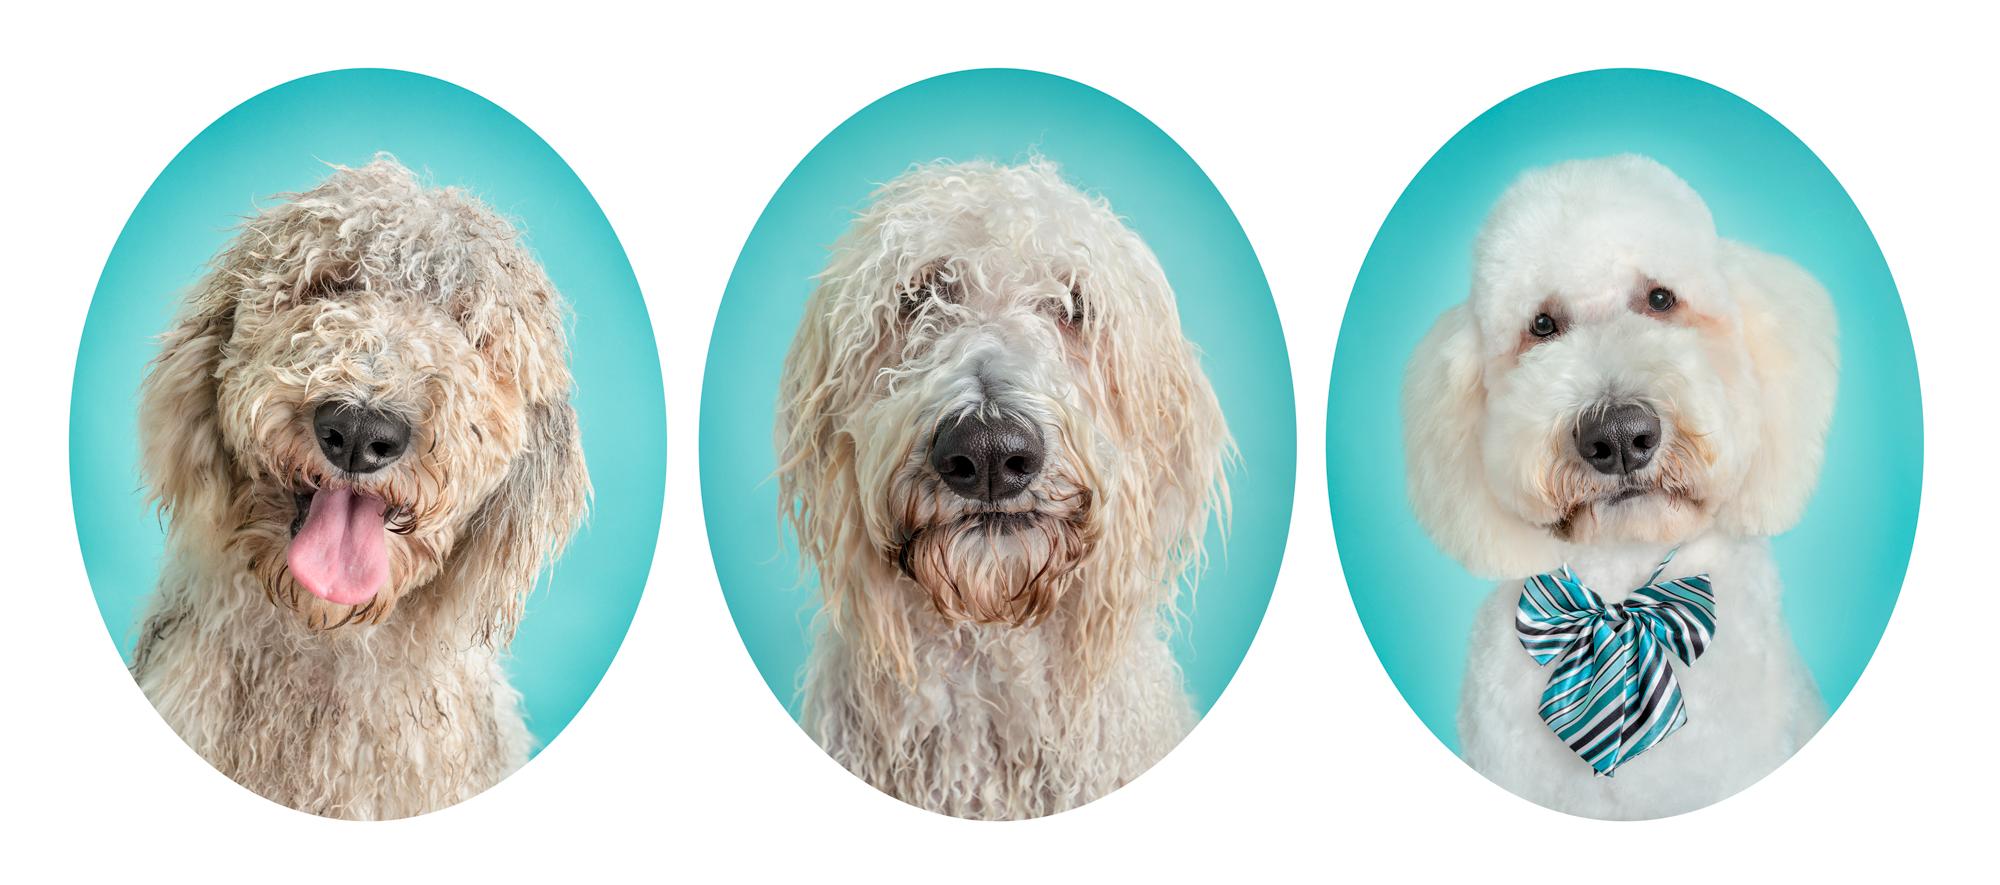 Poodle Dog Melbourne